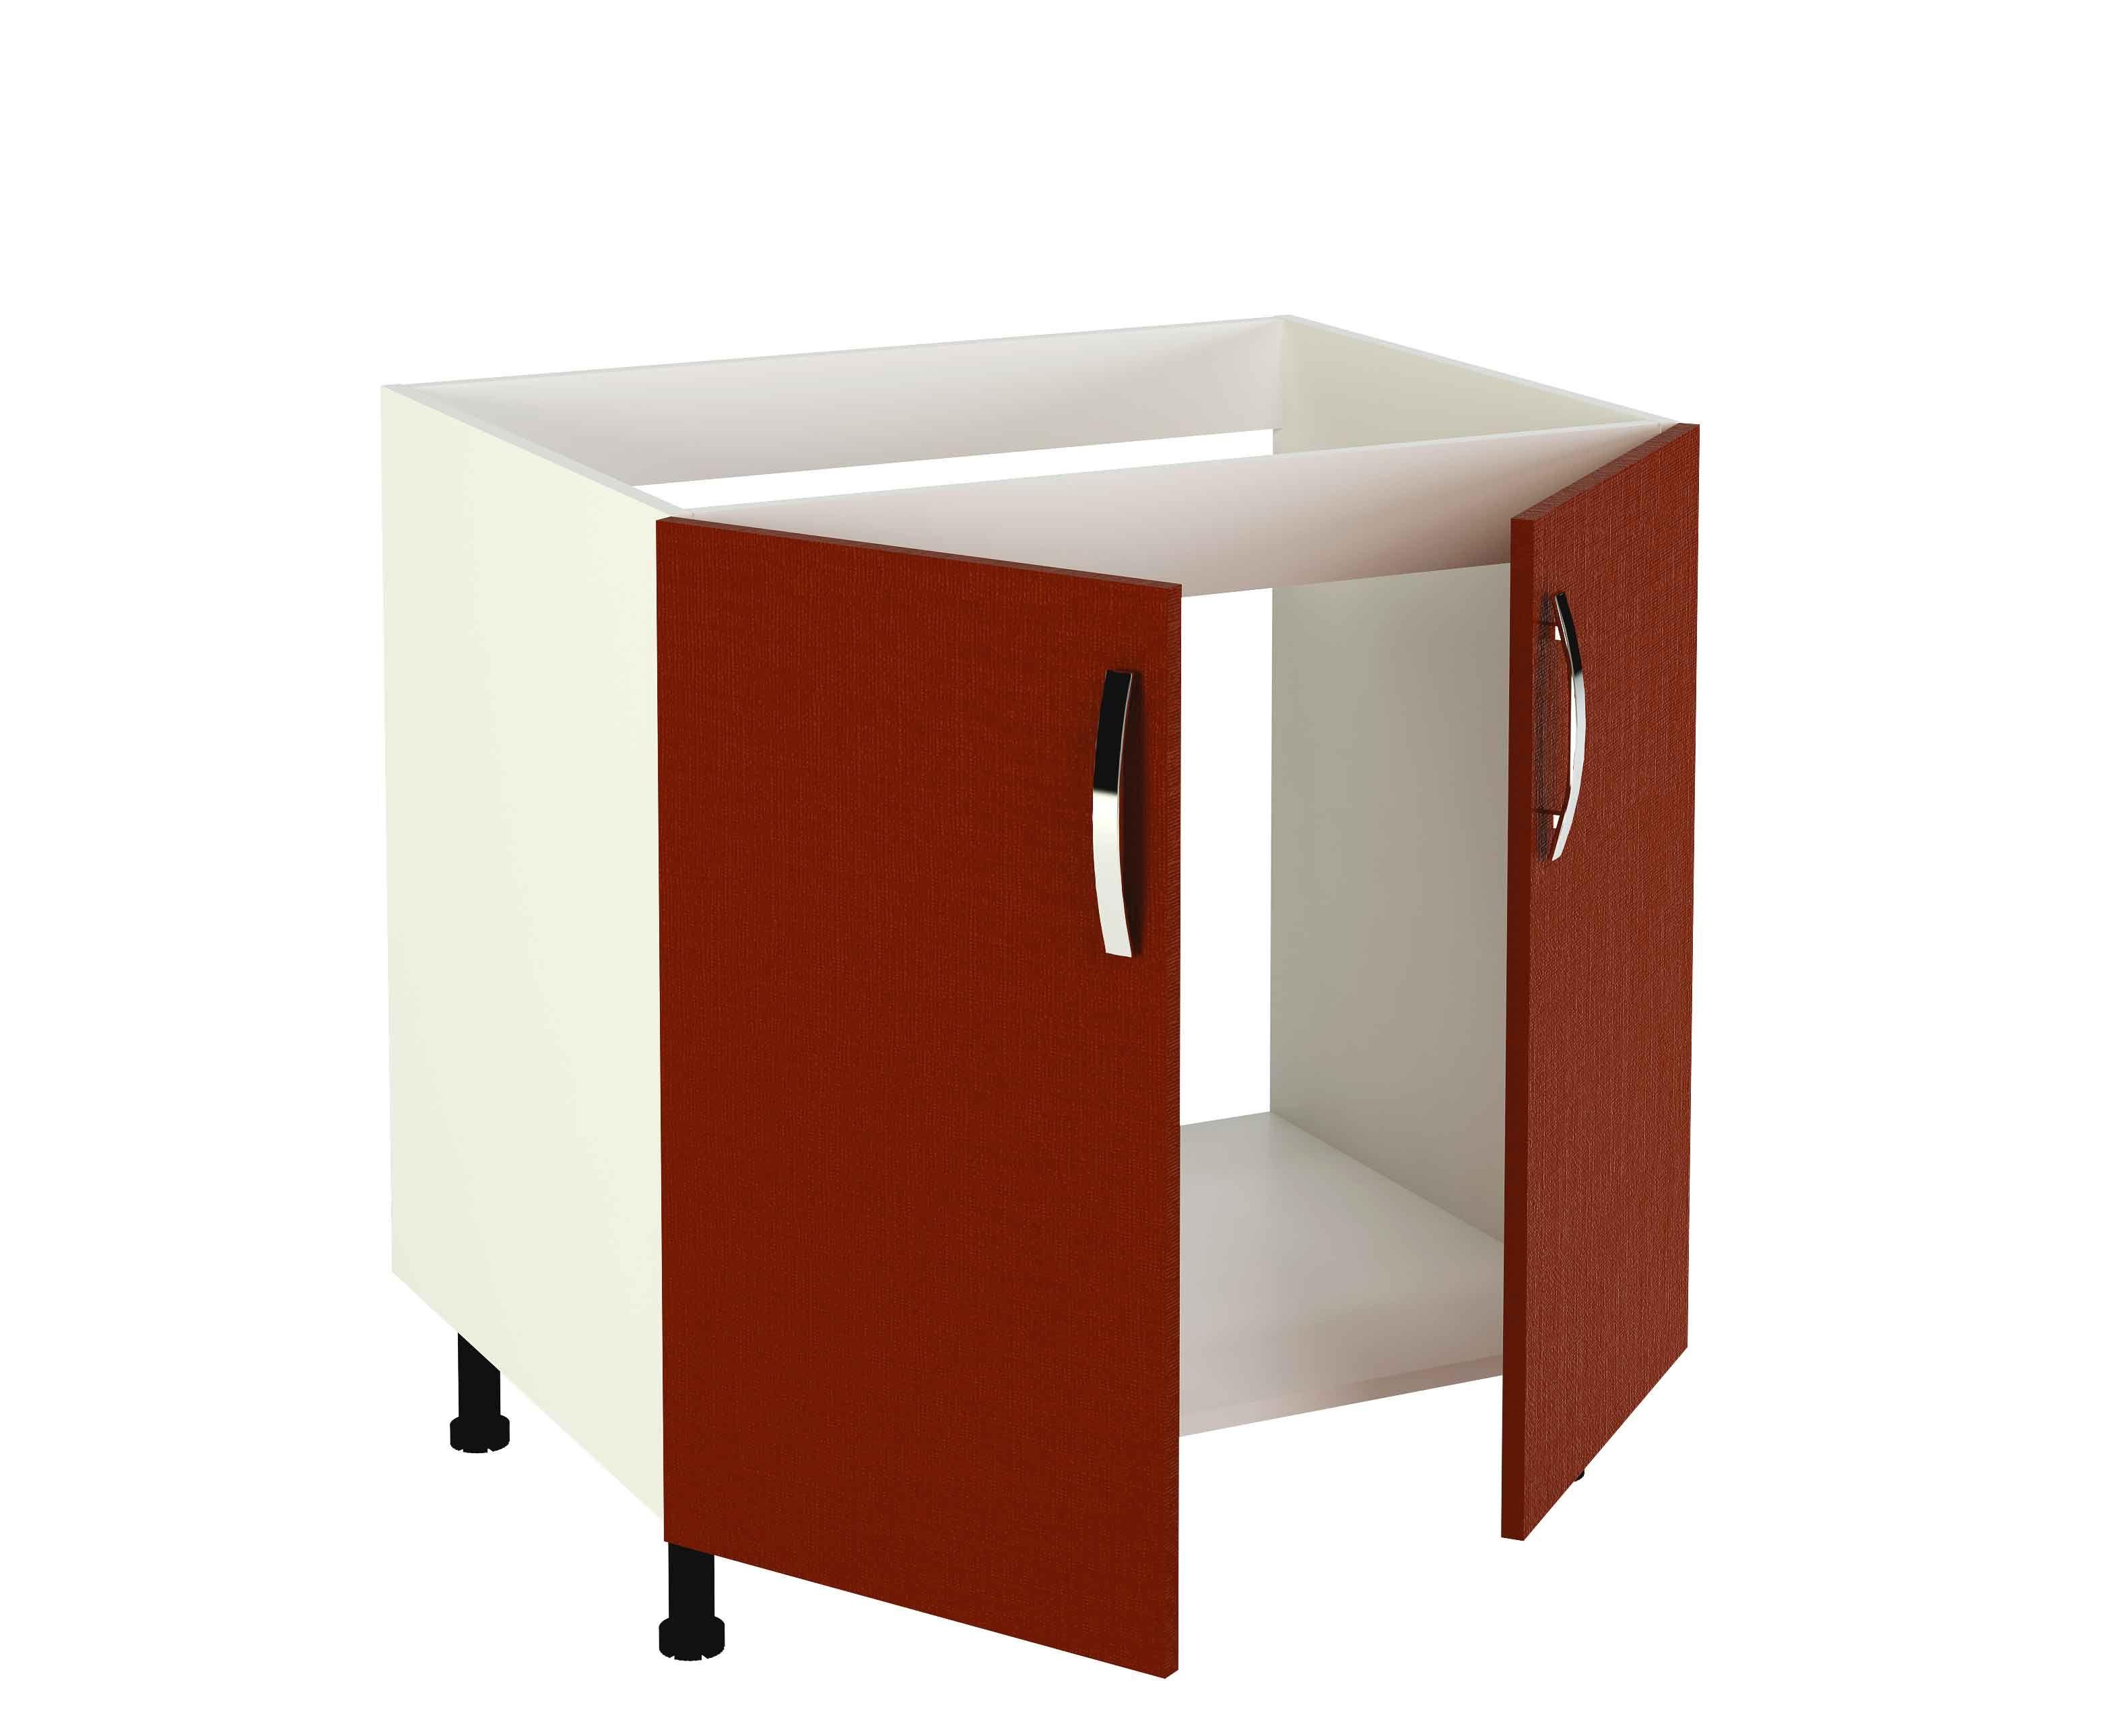 Mueble de cocina Kit&Kit en burdeos, con puertas y patas regulables ...